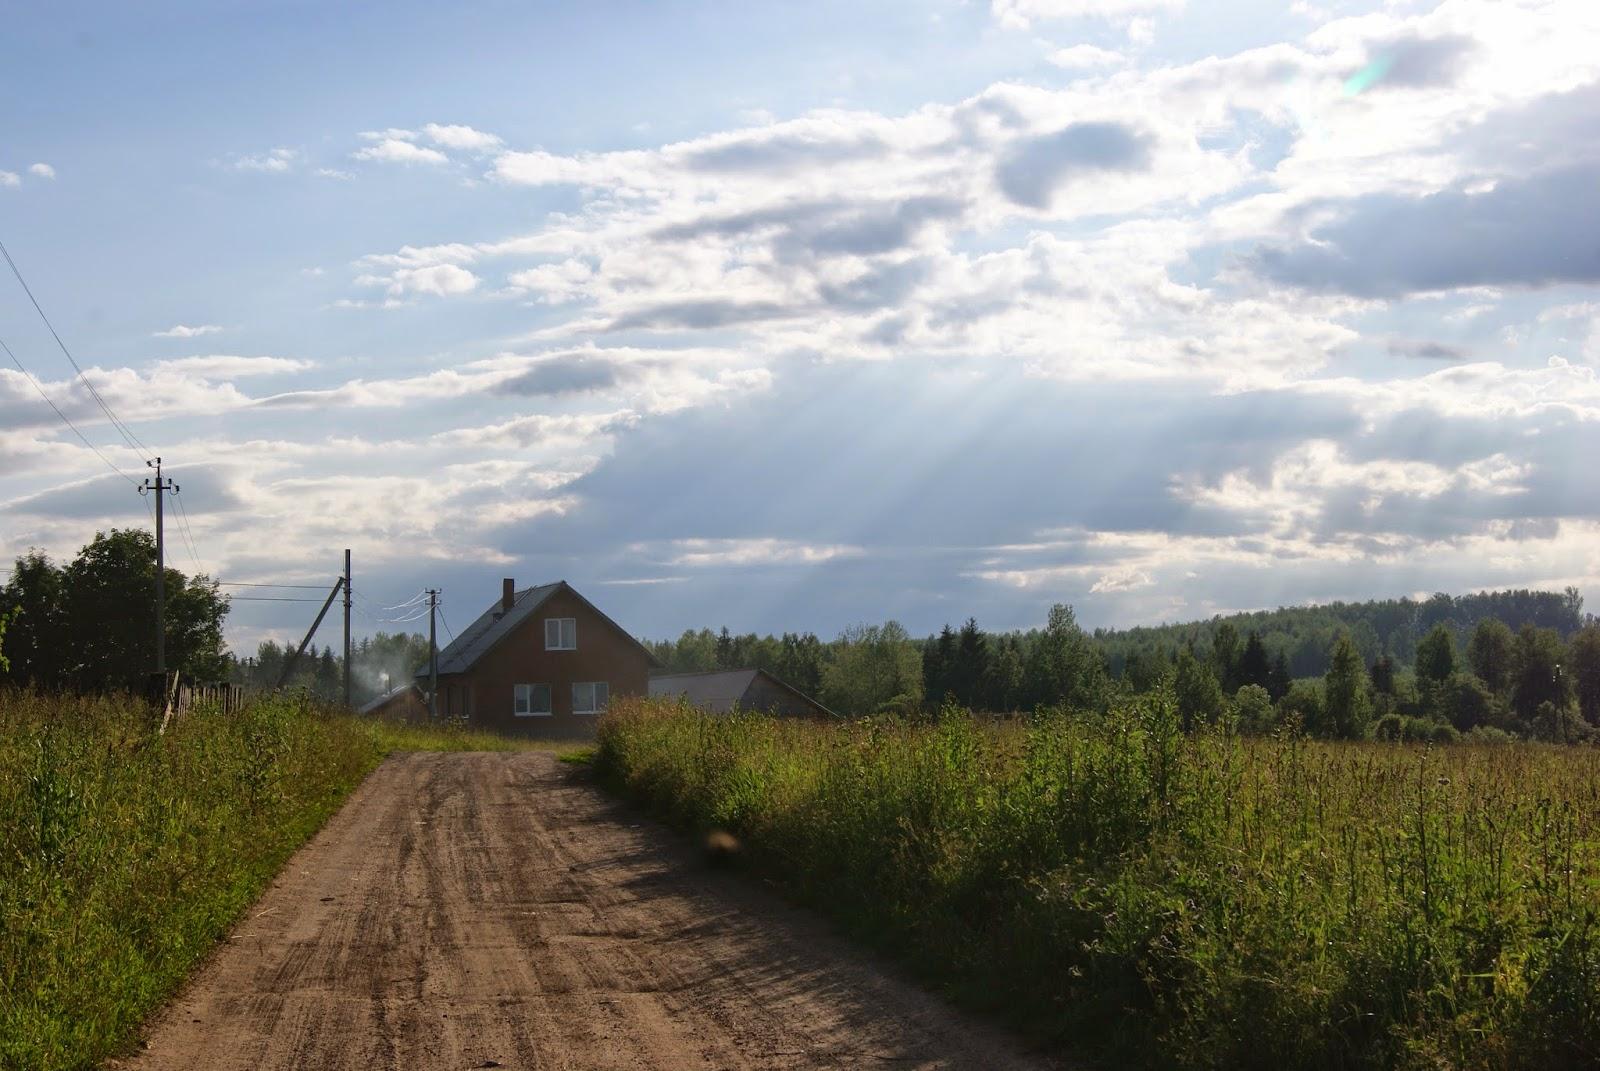 Жизнь в деревне - все плюсы и минусы сельского быта